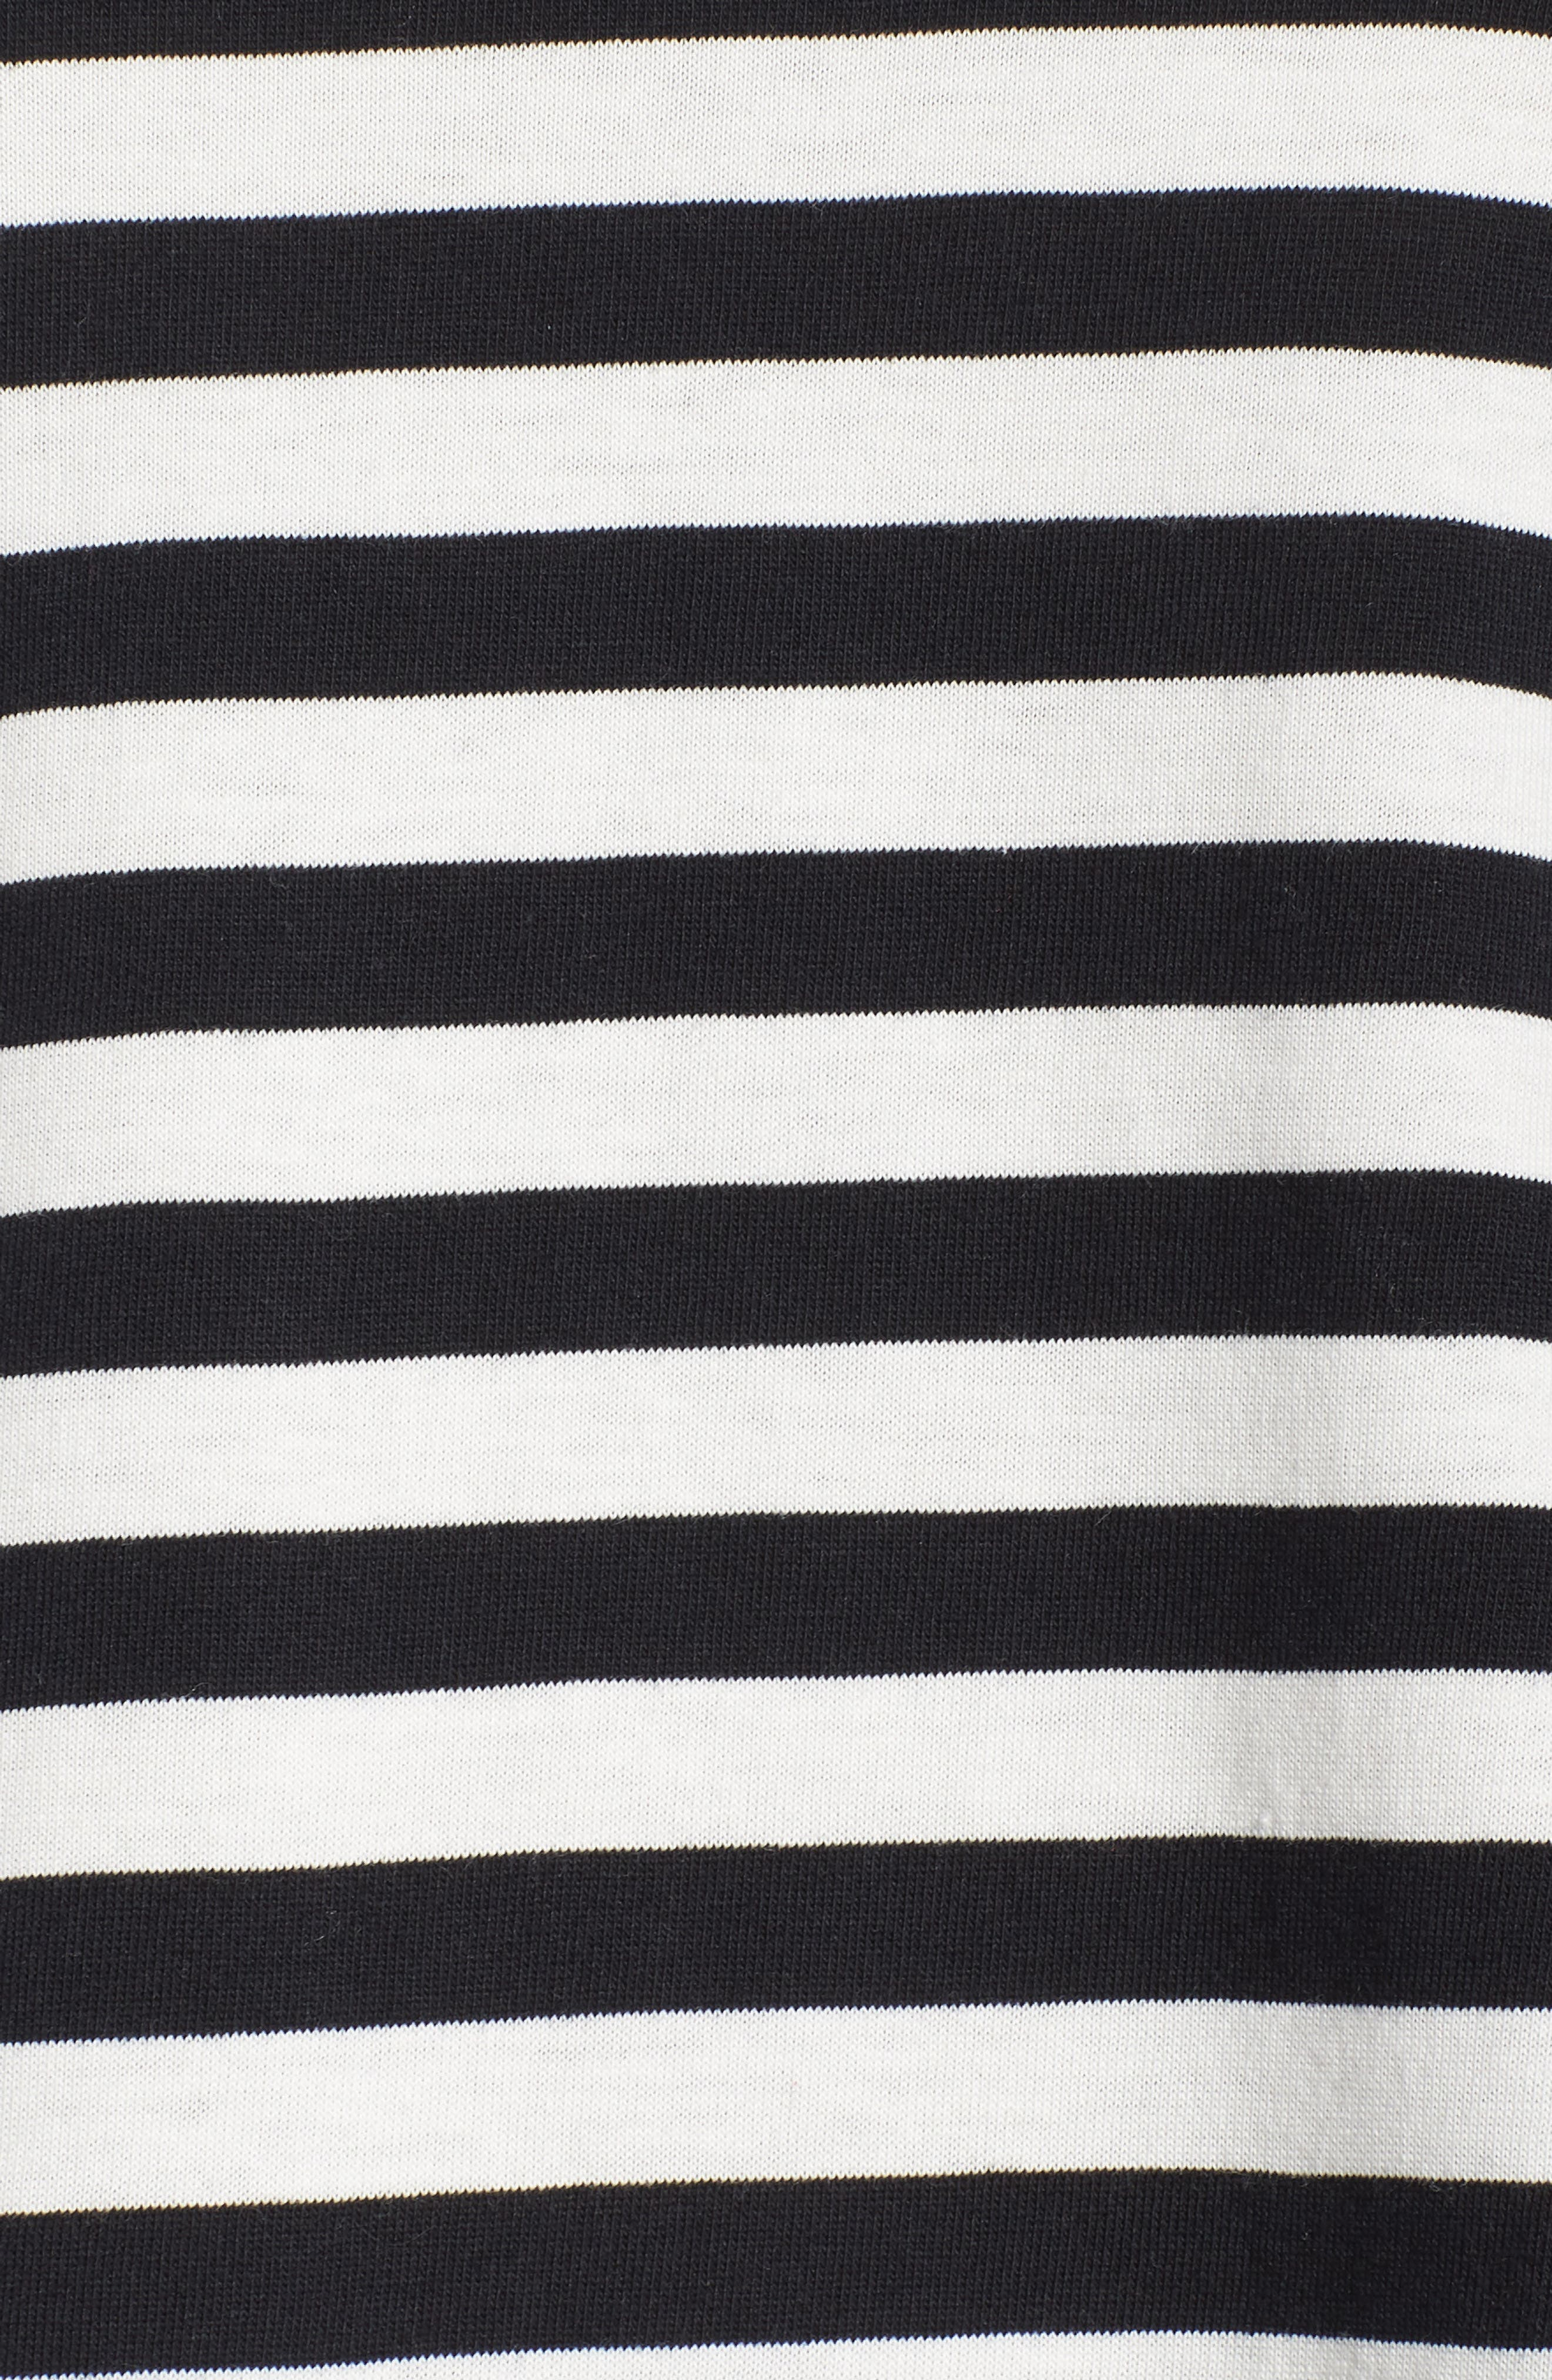 Flutter Sleeve Tee,                             Alternate thumbnail 12, color,                             BLACK/ WHITE STRIPE